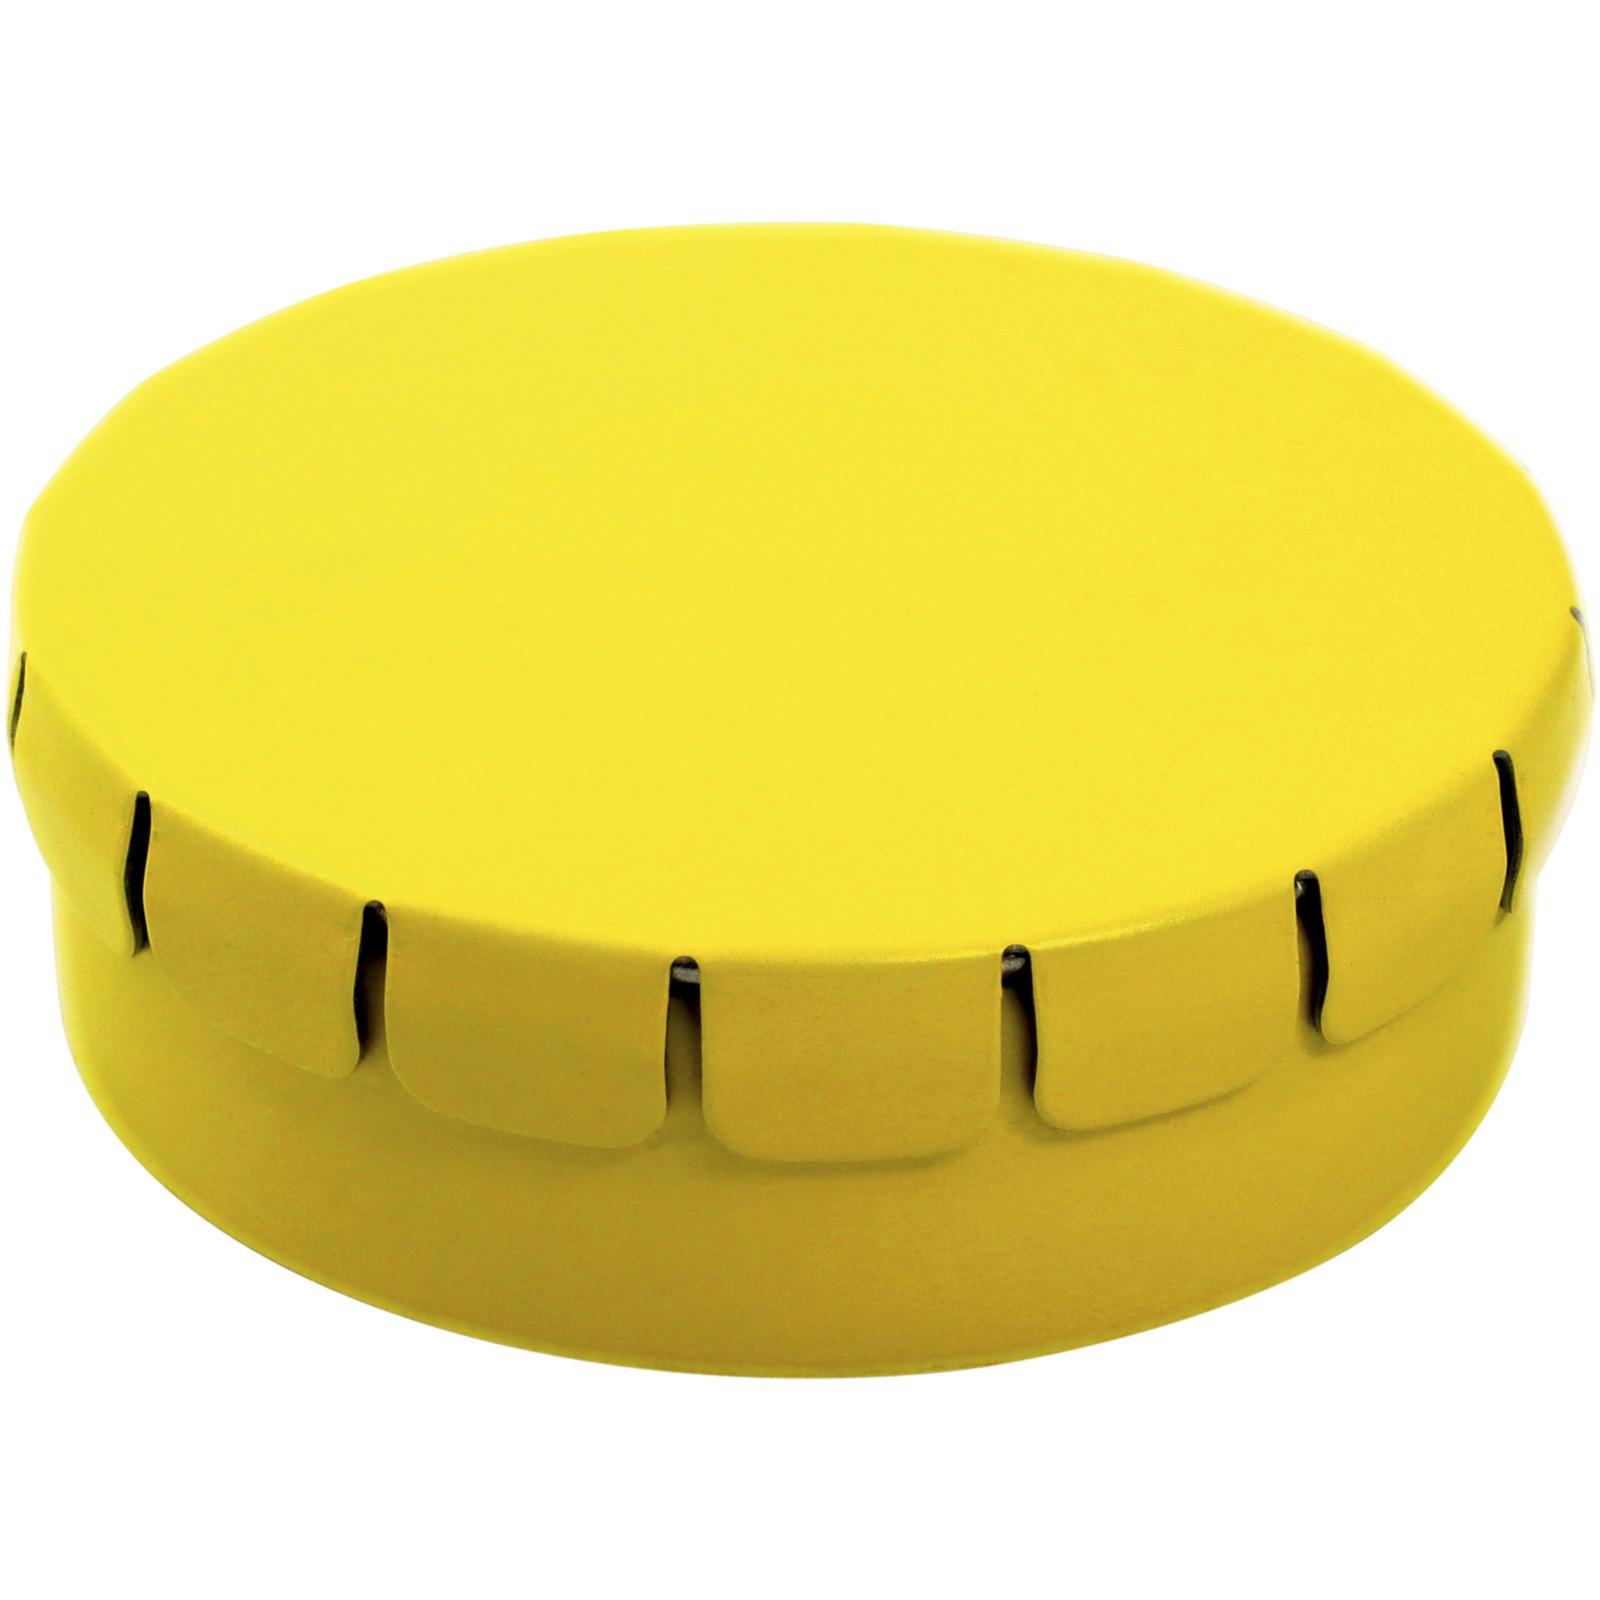 Clic clac bonbony s citronovou a mátovou příchutí - Žlutá